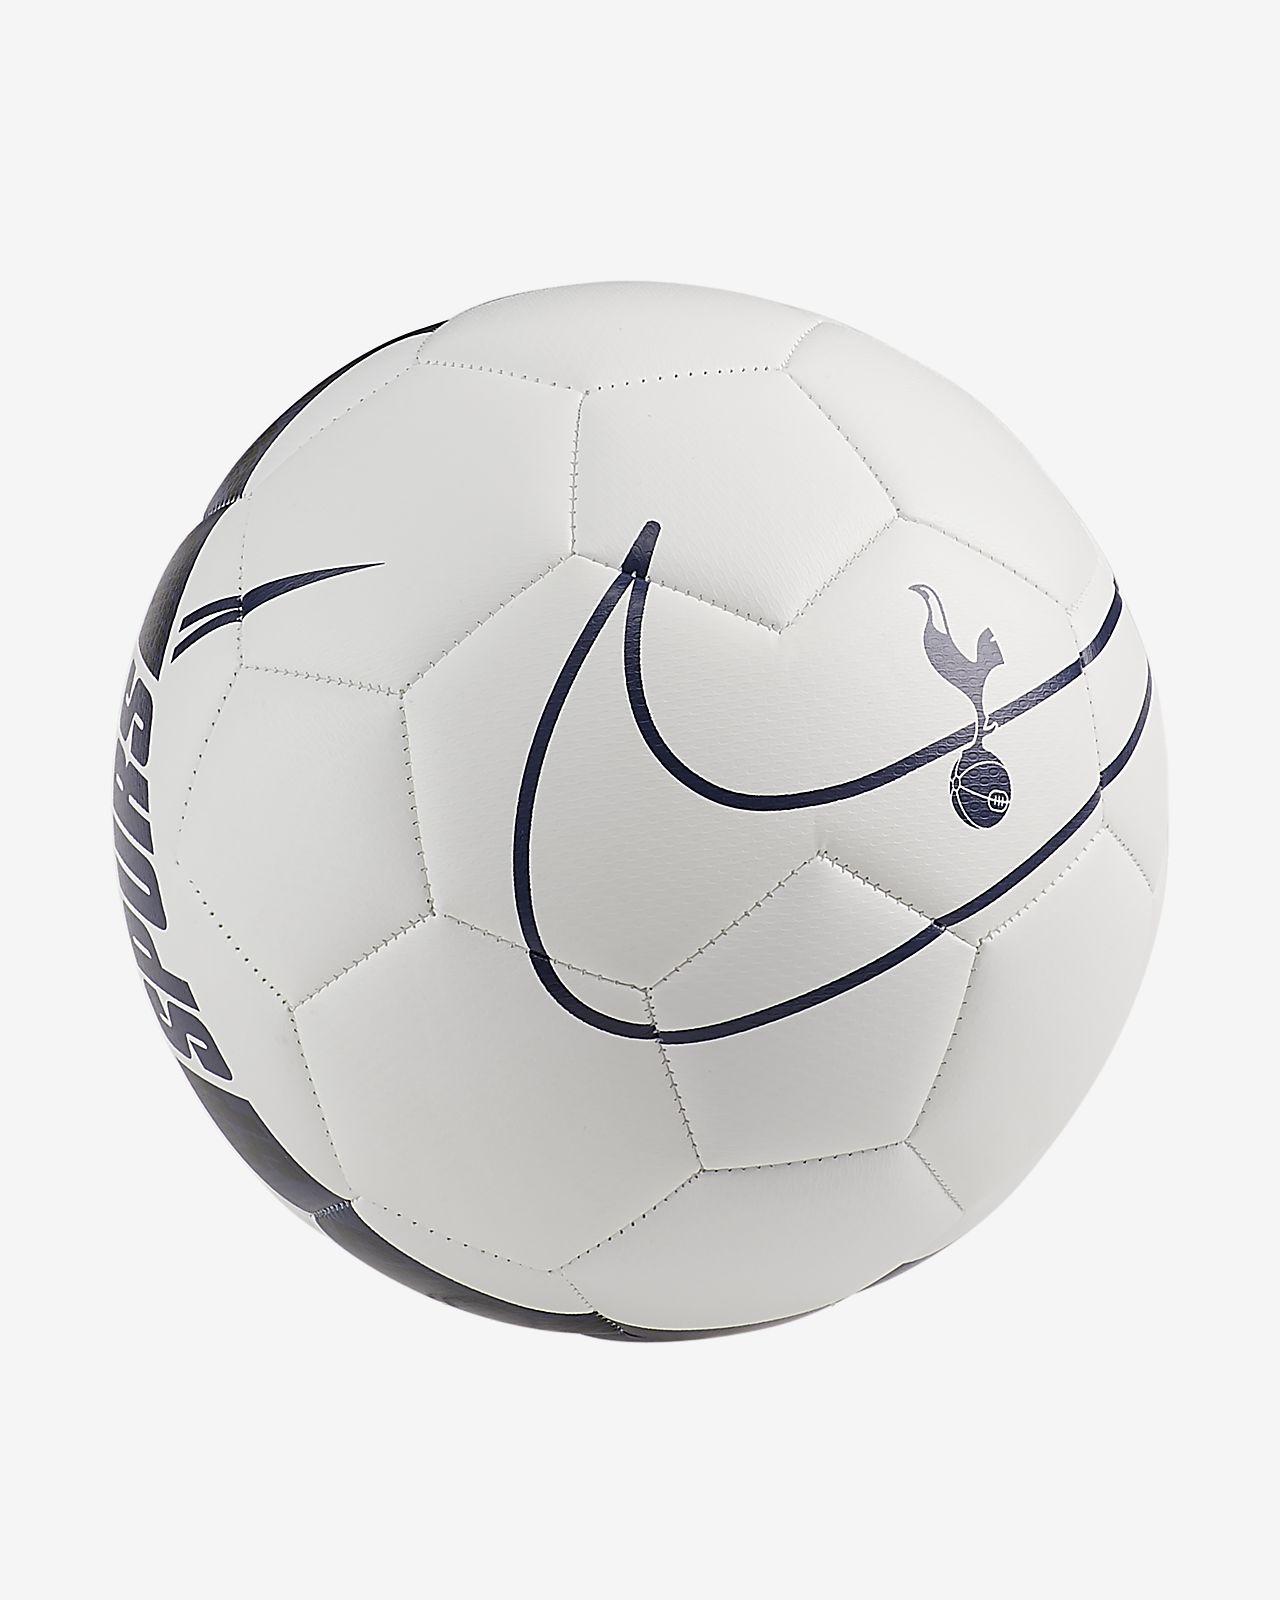 Fotboll Tottenham Hotspur Prestige